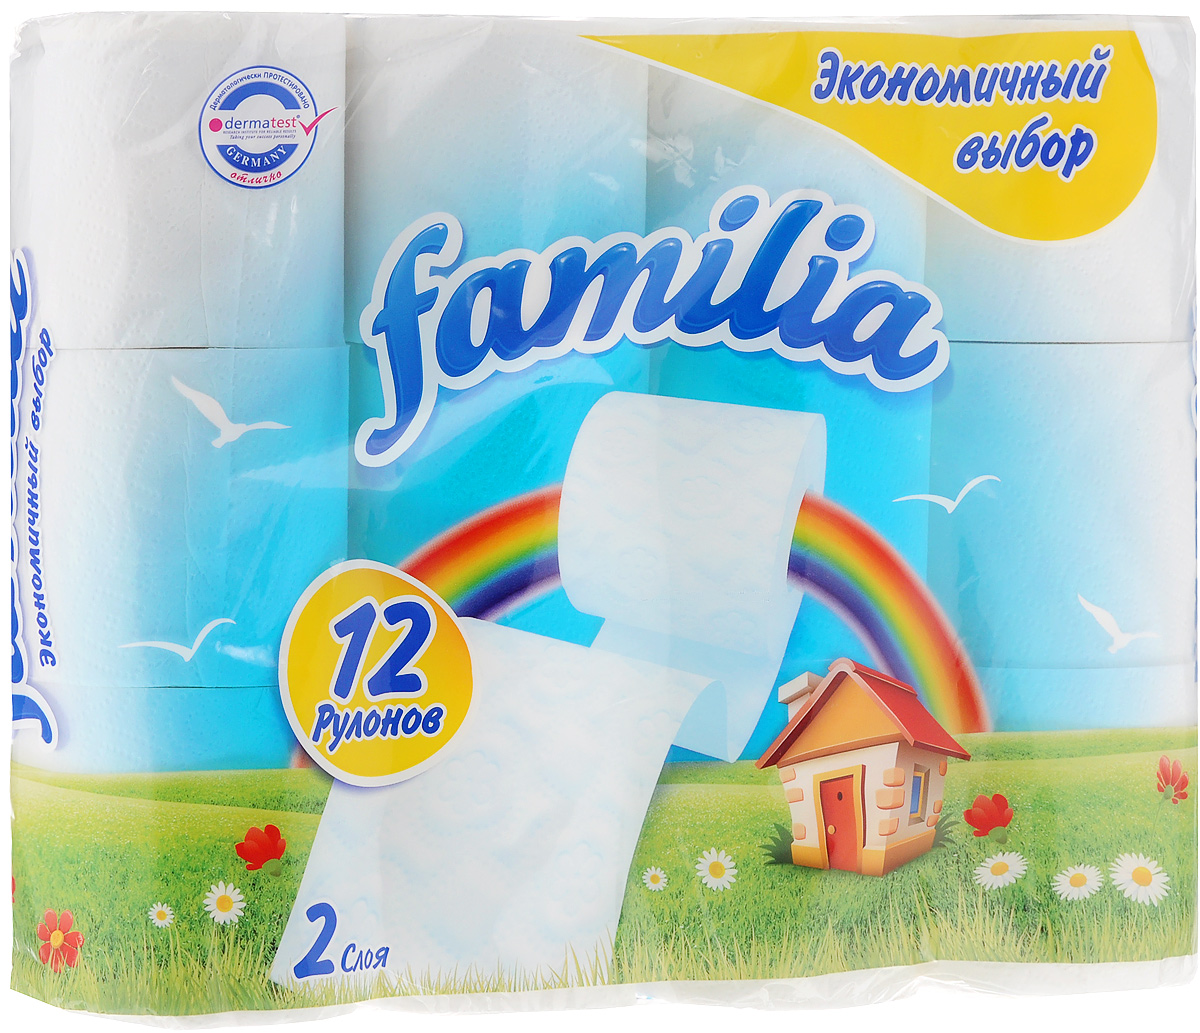 Бумага туалетная Familia Радуга, двухслойная, 12 рулоновKOC-H19-LEDДвухслойная туалетная бумага Familia Радуга изготовлена из вторичного сырья (переработанной бумаги) и целлюлозы. Мягкая, нежная, но в тоже время прочная, бумага не расслаивается и отрывается строго по линии перфорации.Количество рулонов: 12 шт. Длина одного рулона: 16,9 м.